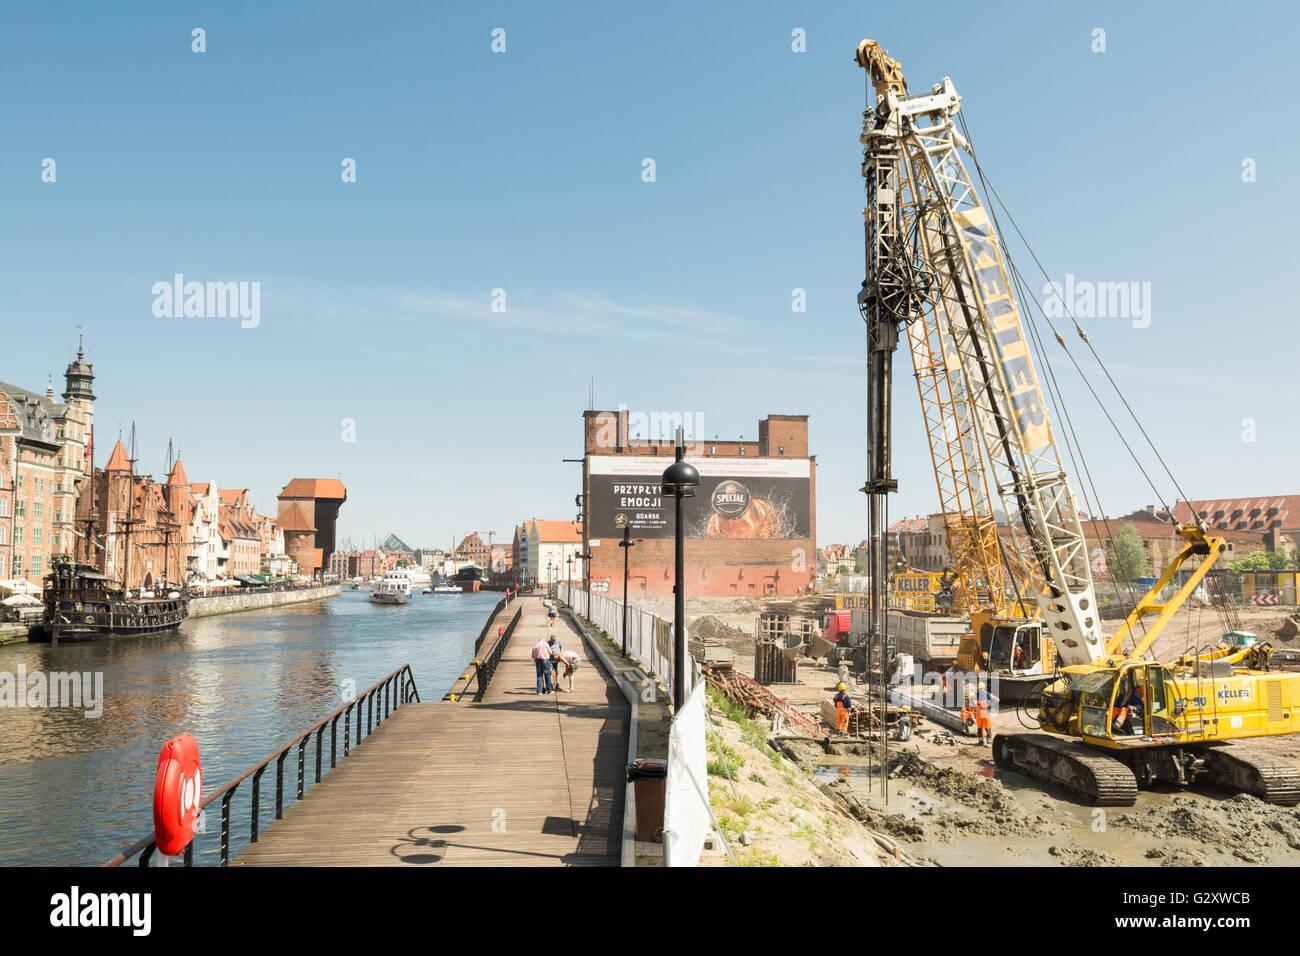 Bauarbeiter auf der Baustelle auf der Speicherinsel, Gdansk, Polen, Europa Stockbild